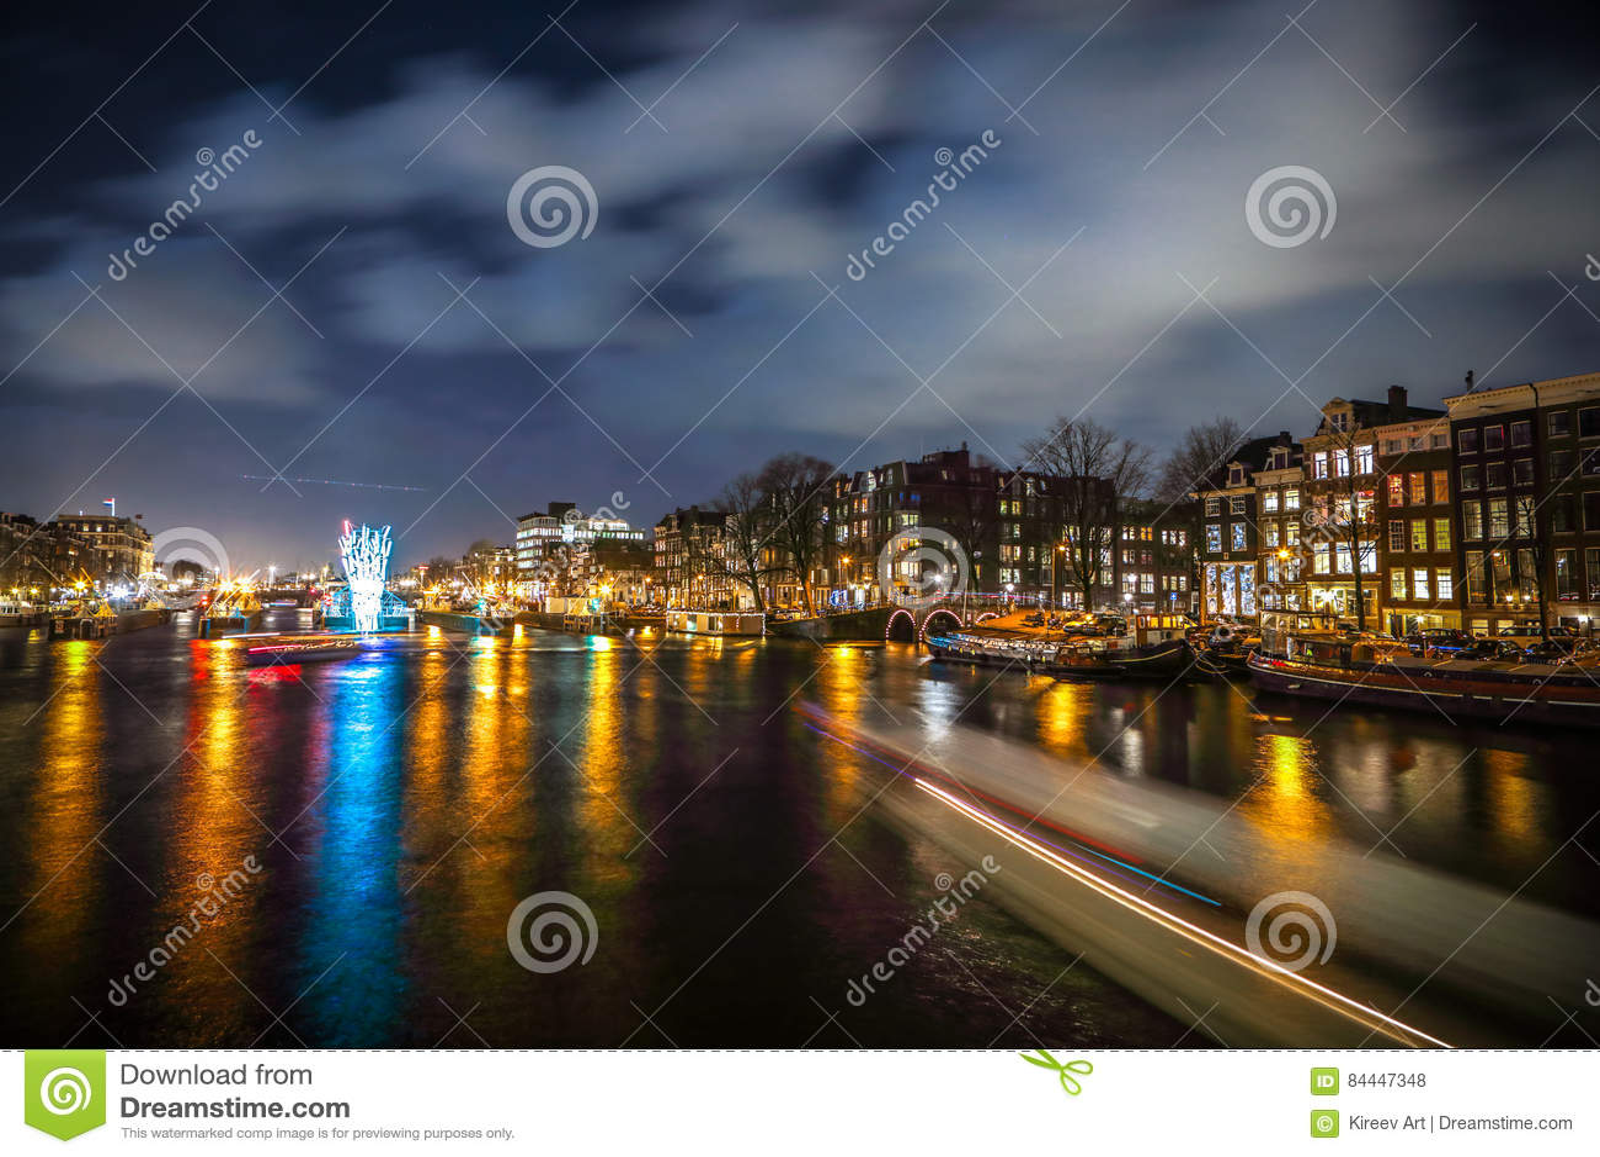 巡航在夜运河的小船仓促 阿姆斯特丹夜运河的轻的设施在轻的节日内的